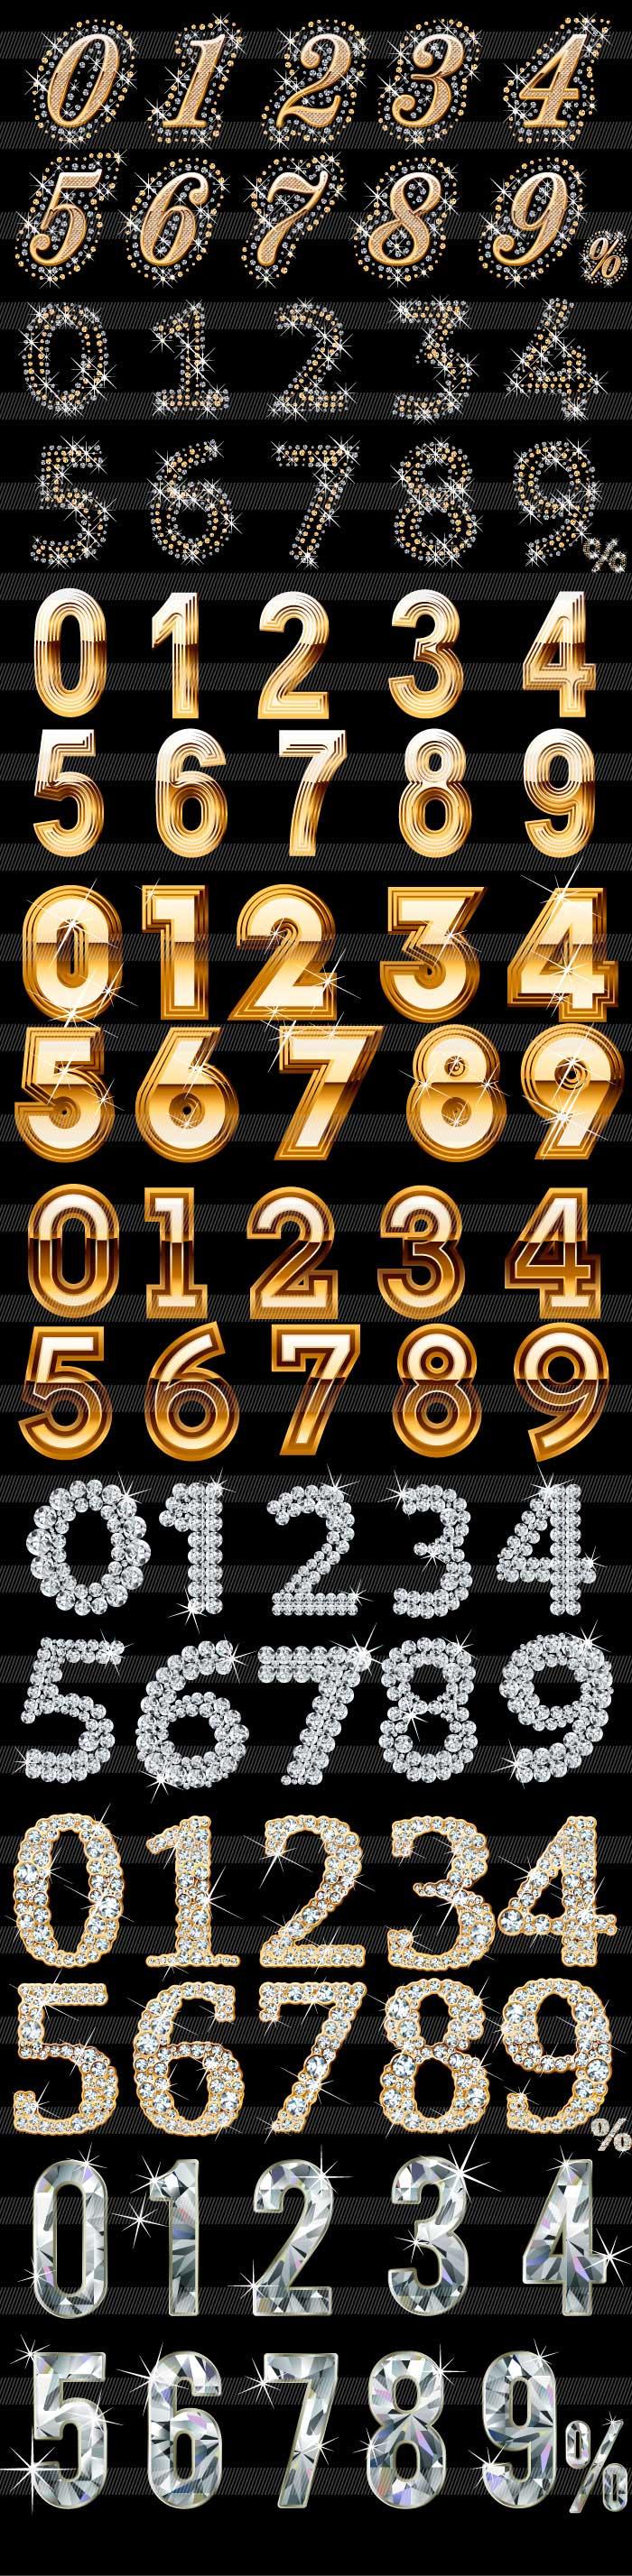 豪華・ダイヤの数字のイラスト